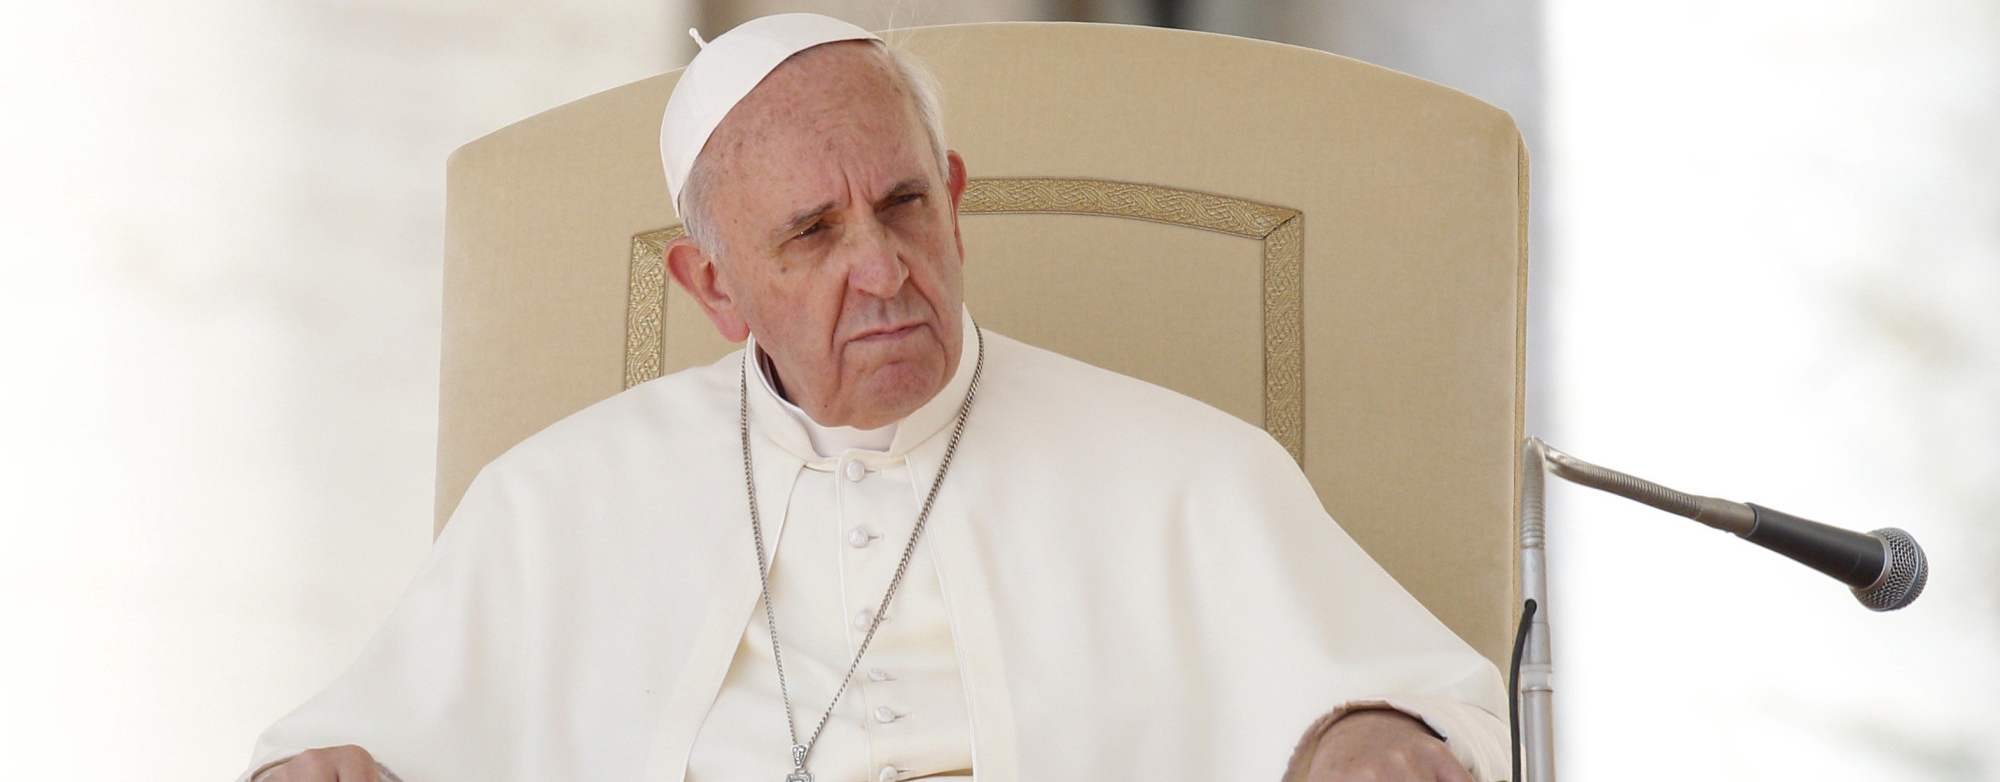 En esta fotografÌa del miÈrcoles 18 de septiembre de 2013, se ve al papa Francisco sentado durante su audiencia general semanal en la Plaza de San Pedro, en el Vaticano. (Foto AP/Riccardo De Luca)